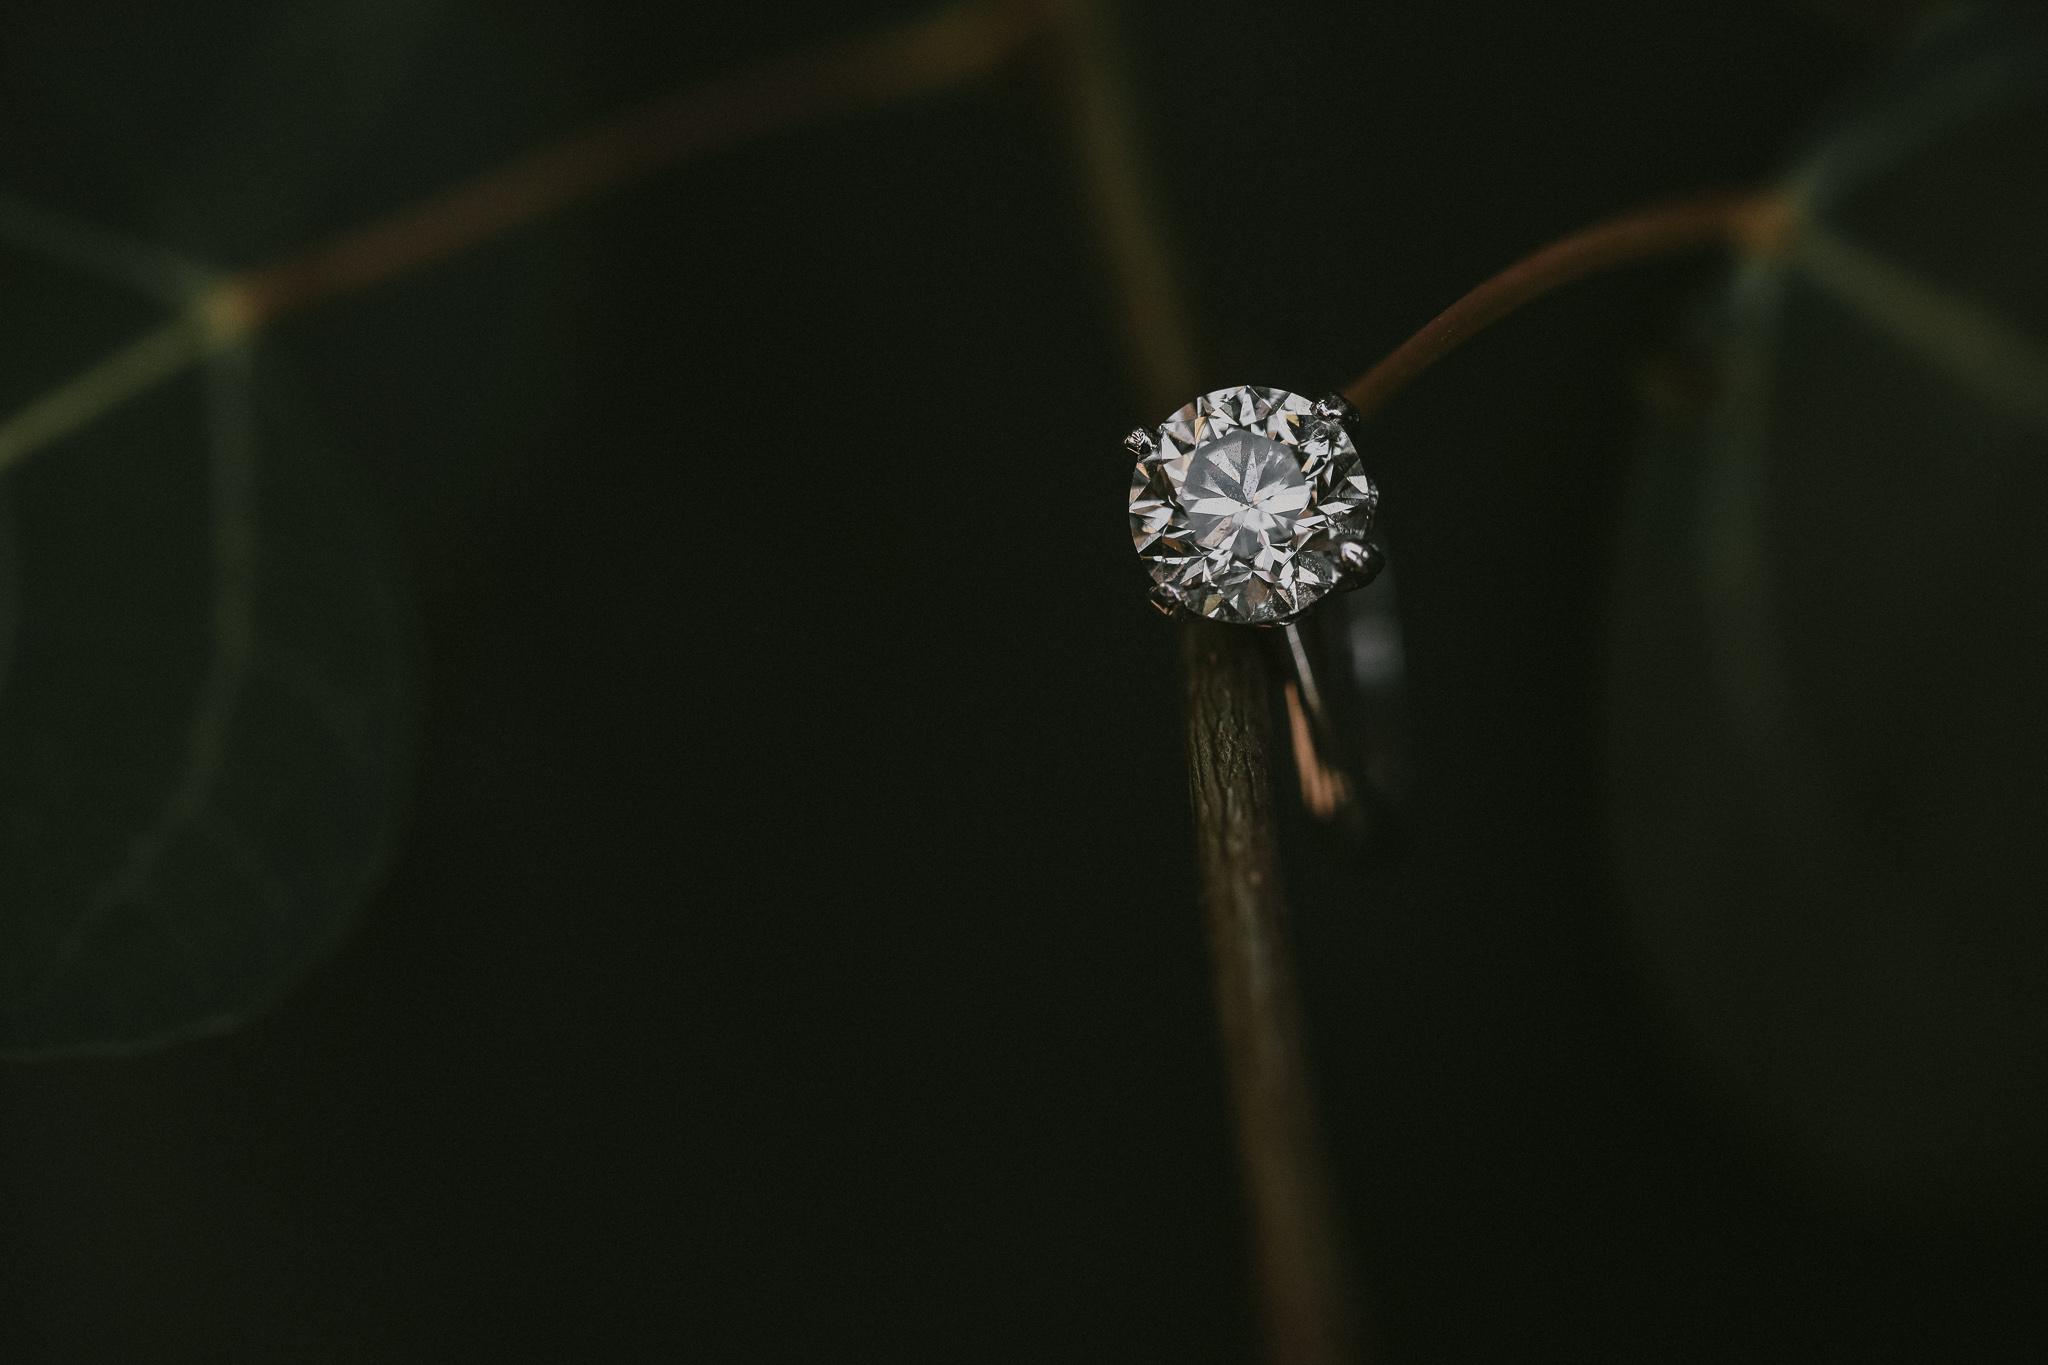 Estes Park wedding ring